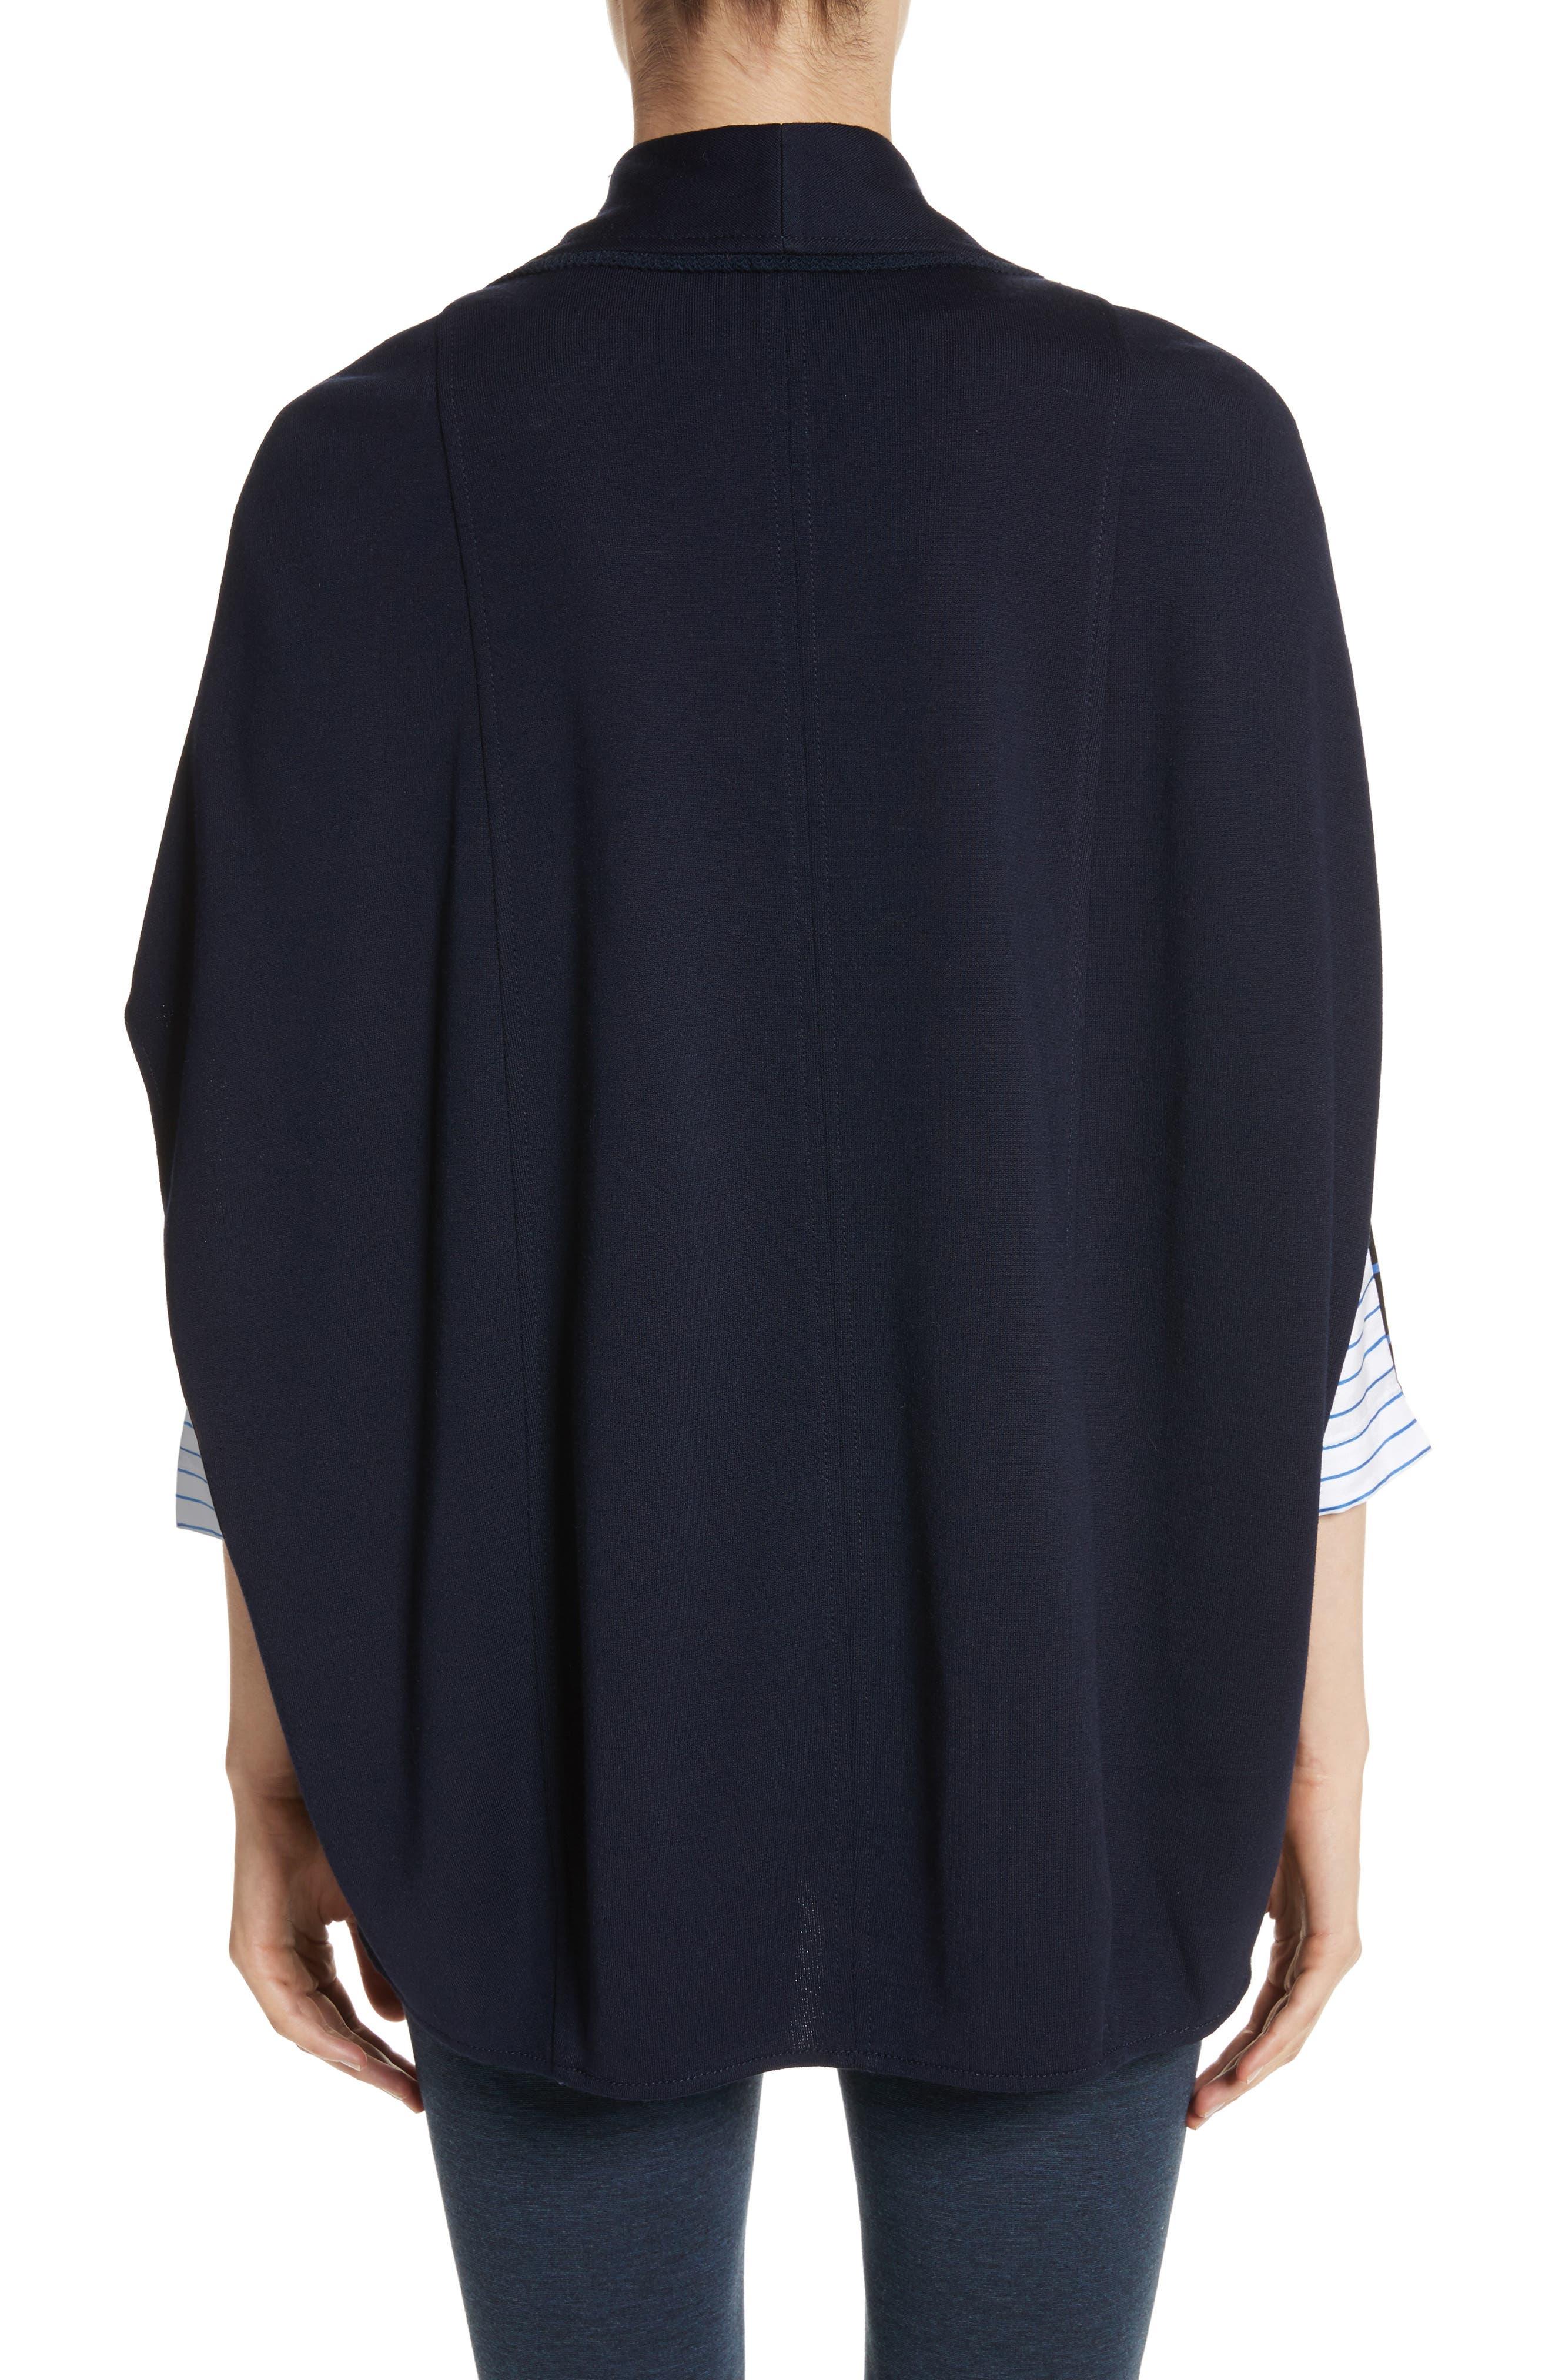 Circular Milano Knit Jacket,                             Alternate thumbnail 2, color,                             Navy